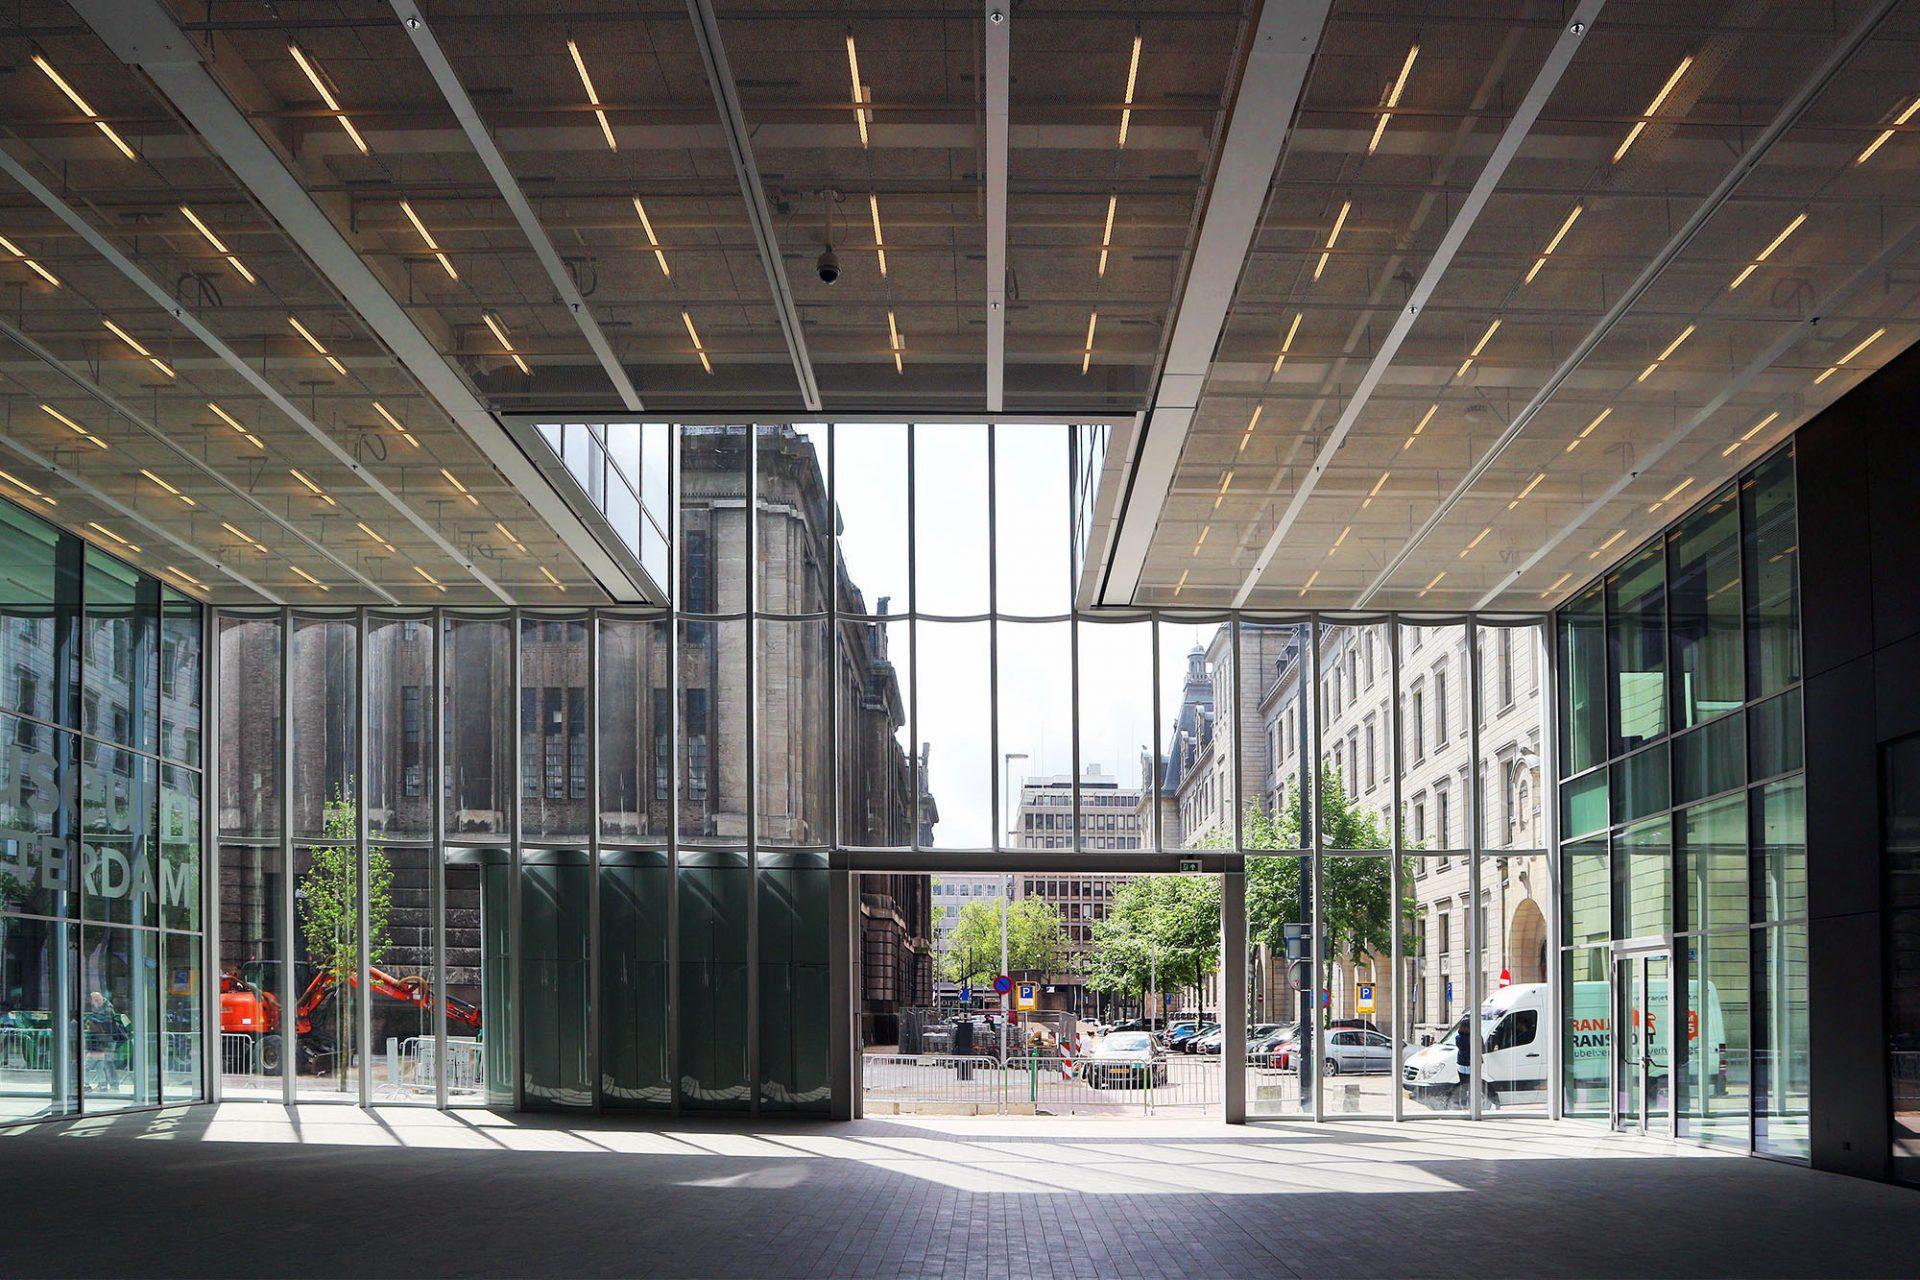 Timmerhuis. Im Erdgeschoss öffnet sich eine öffentliche Passage der Stadt. Atrien und Leerräume lassen den Bau auch im Inneren leicht, licht und luftig wirken.